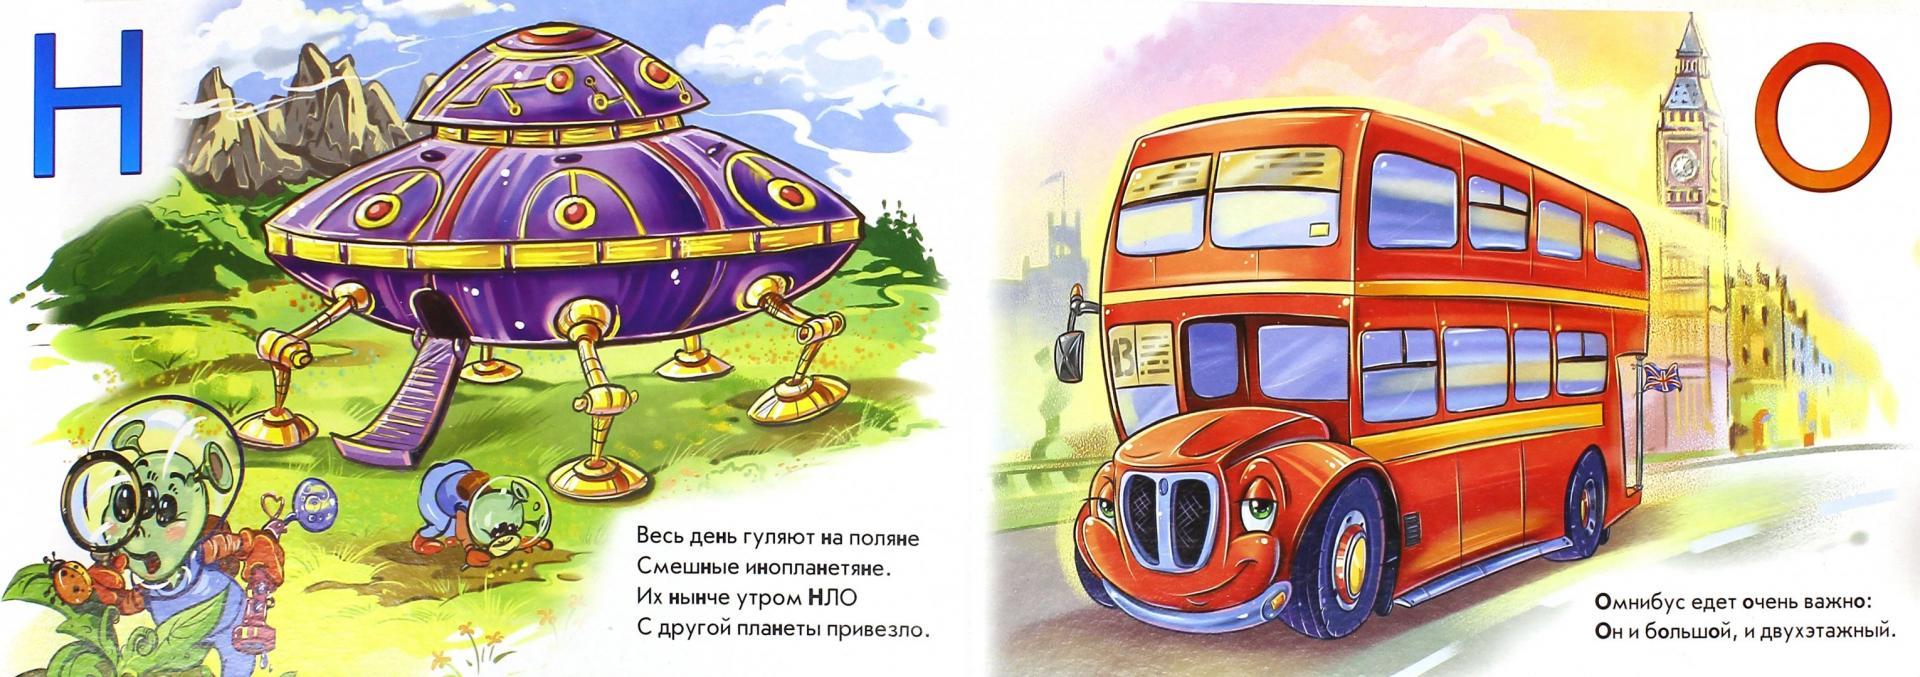 классики эксклюзива буквы русского алфавита с картинками машин приятным